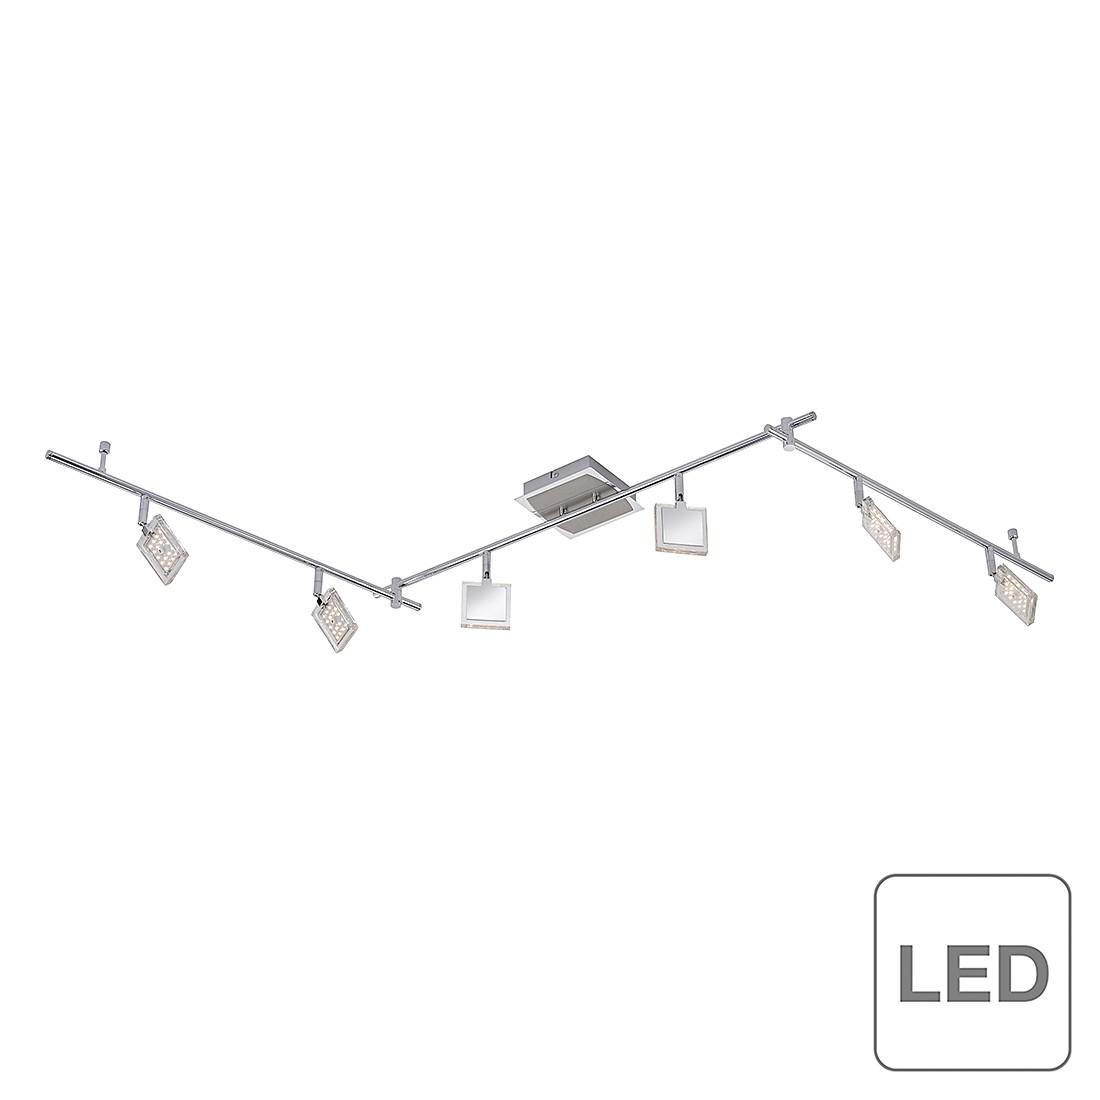 energie  A+, Plafondlamp DI - mat nikkel - 108 lichtbronnen, Paul Neuhaus